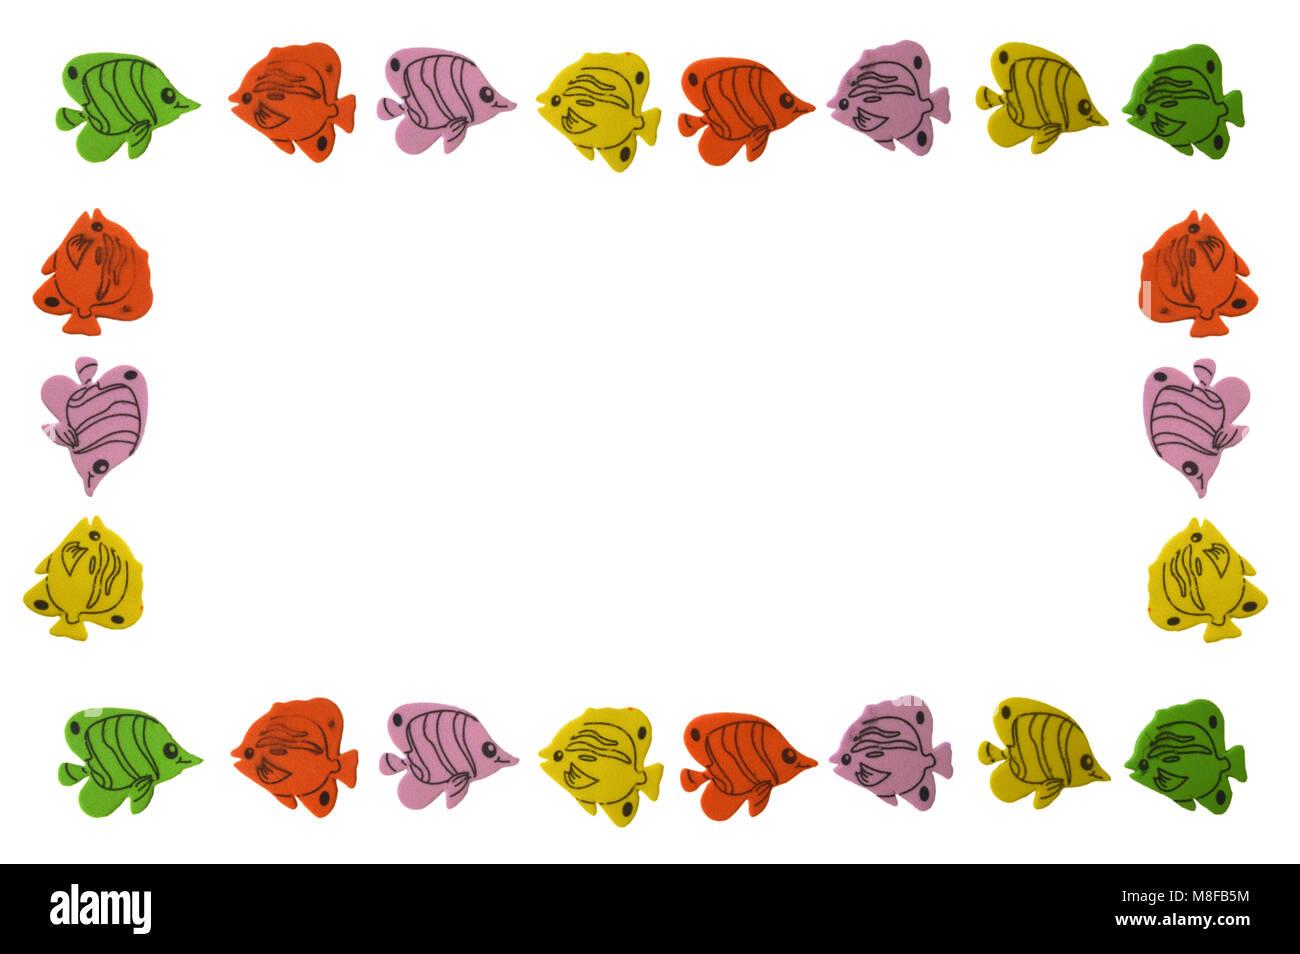 border formed by goldfishon white background - Stock Image